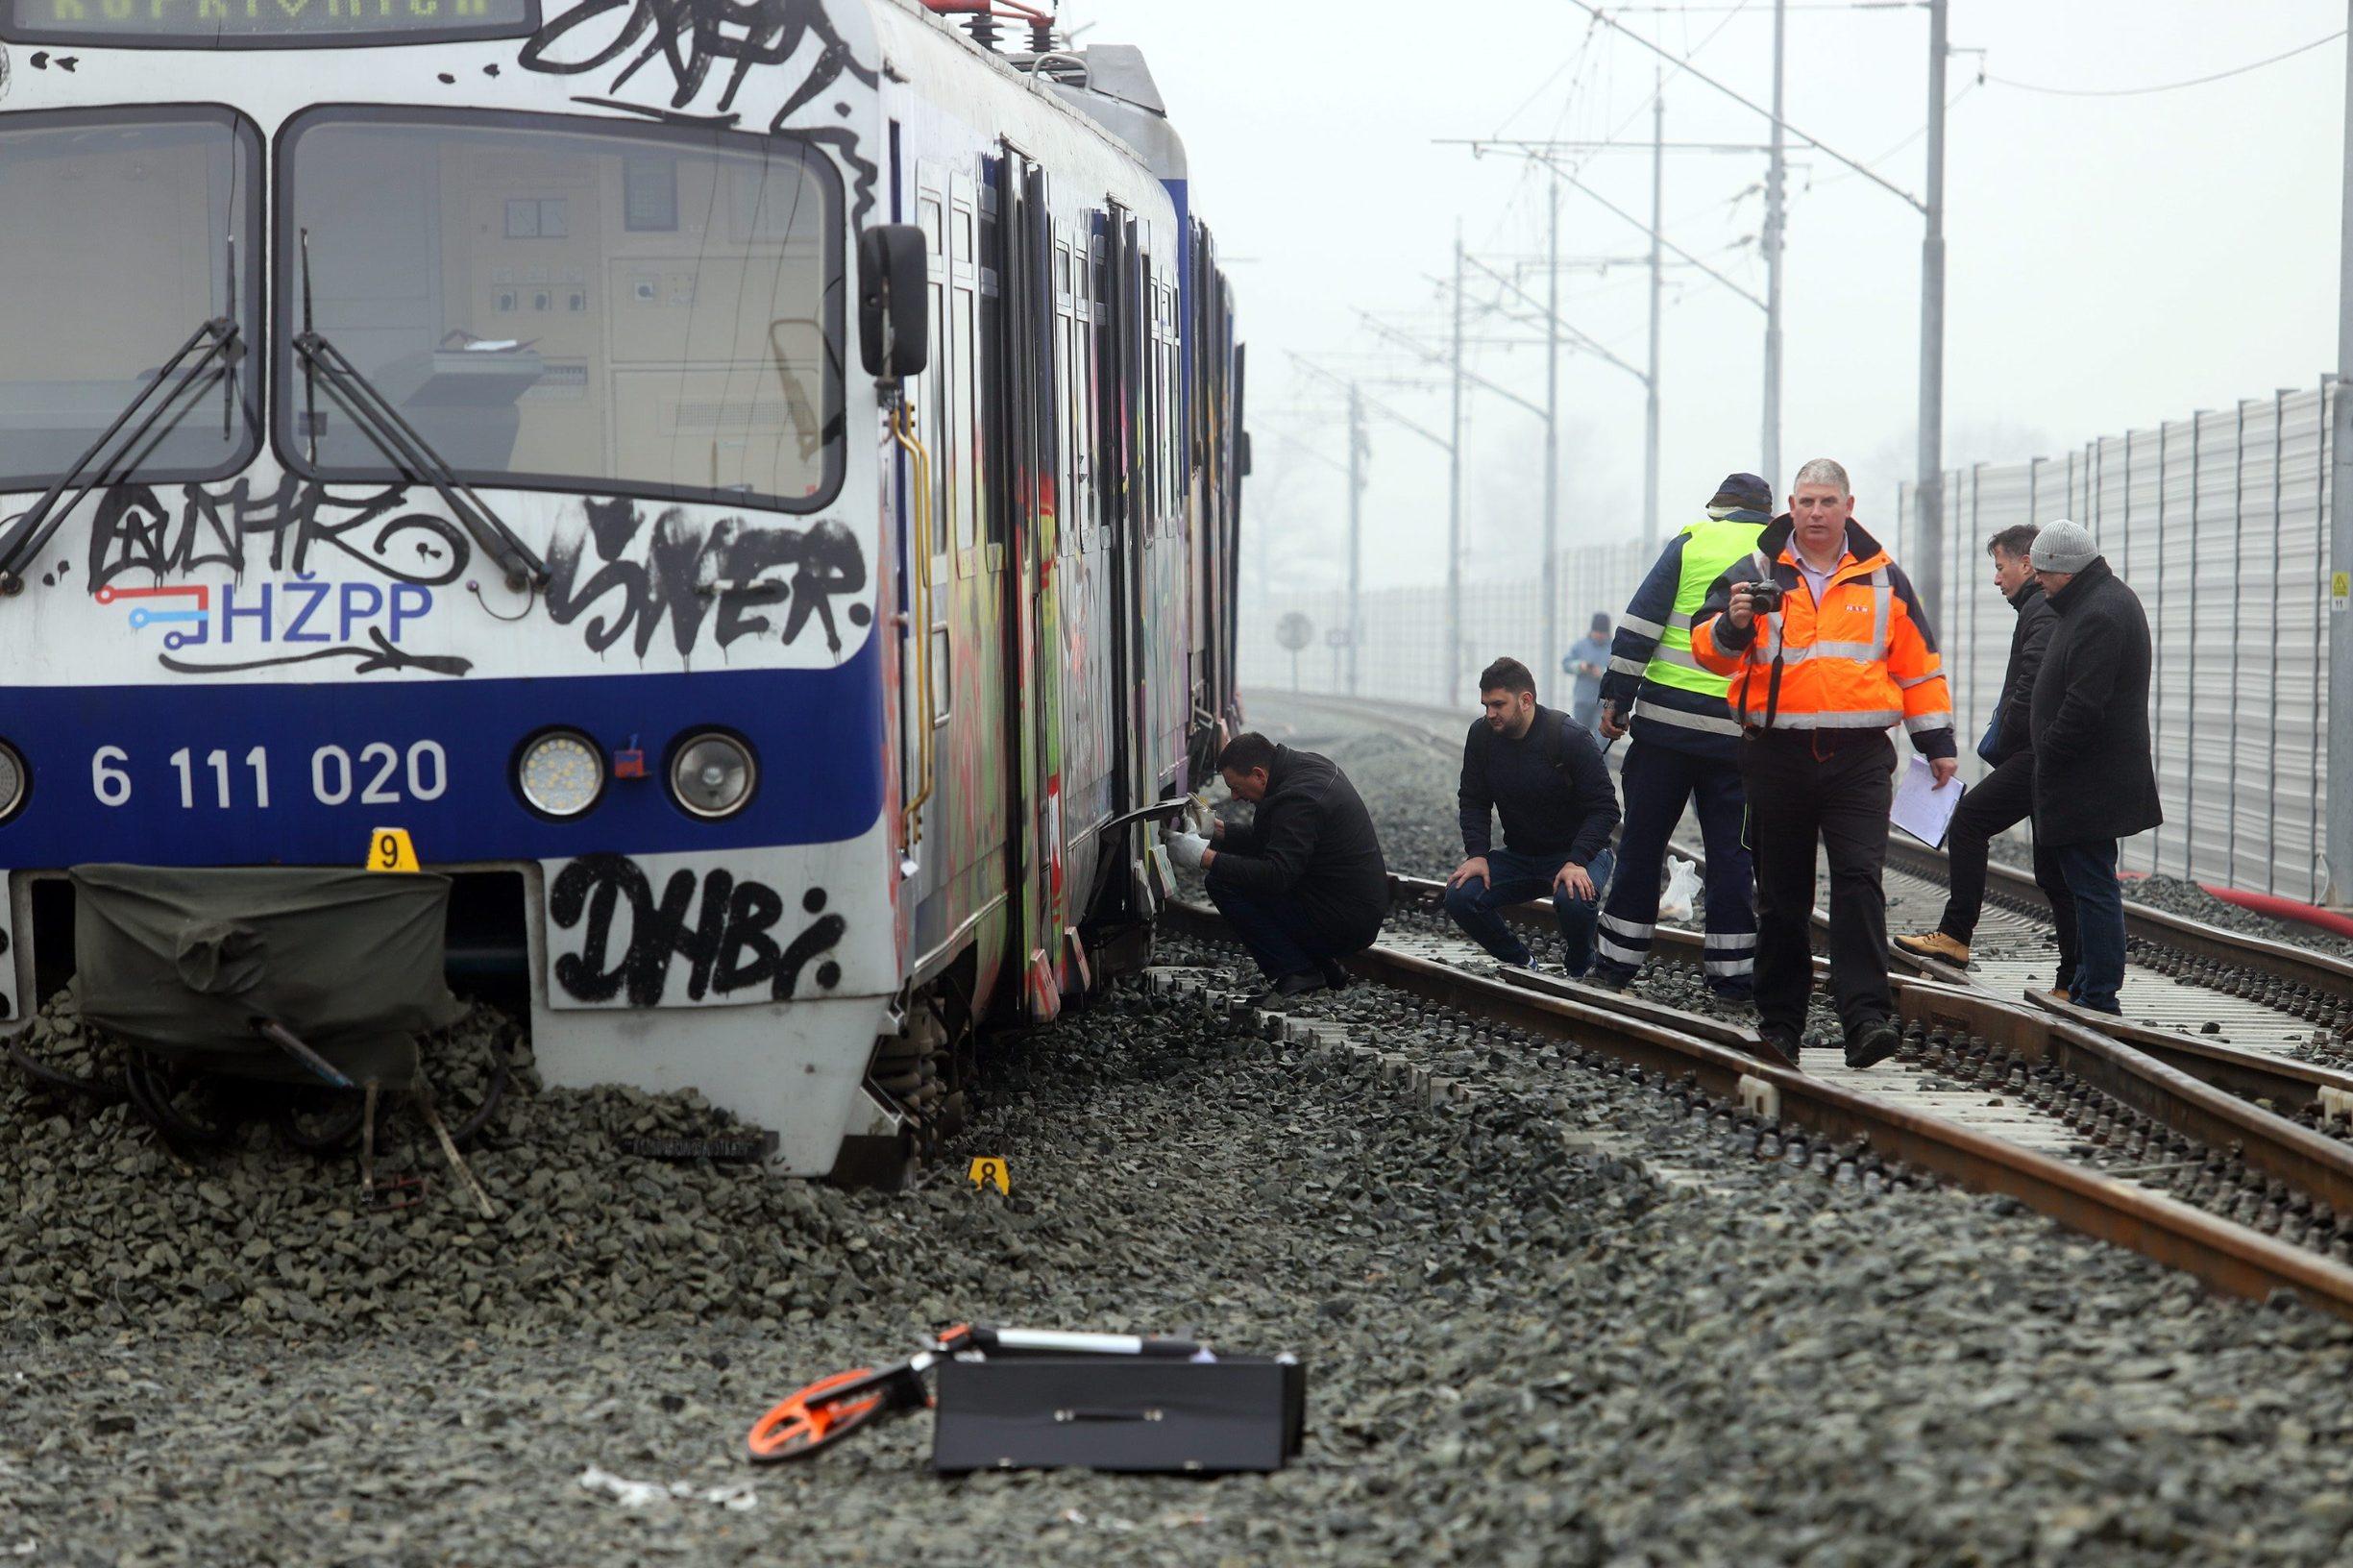 vlak_krizevci3-031219